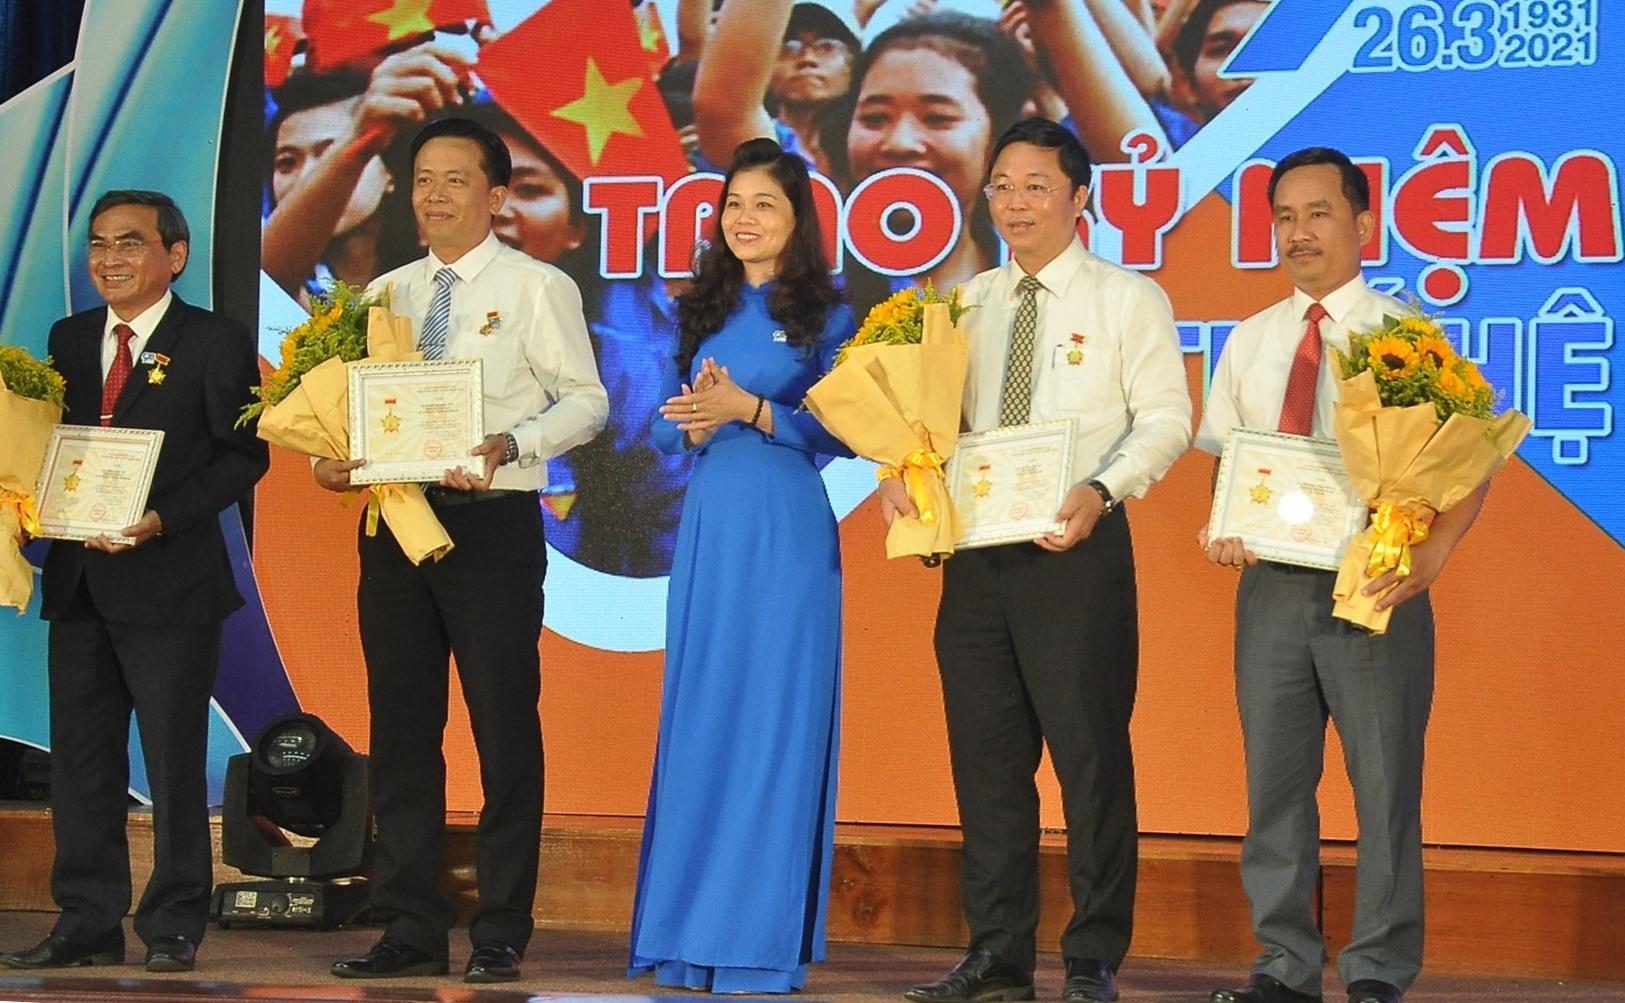 Thừa ủy quyền của Trung ương Đoàn, Bí thư Tỉnh đoàn Phạm Thị Thanh tặng Kỷ niệm chương Vì thế hệ trẻ cho các cá nhân. Ảnh: VINH ANH